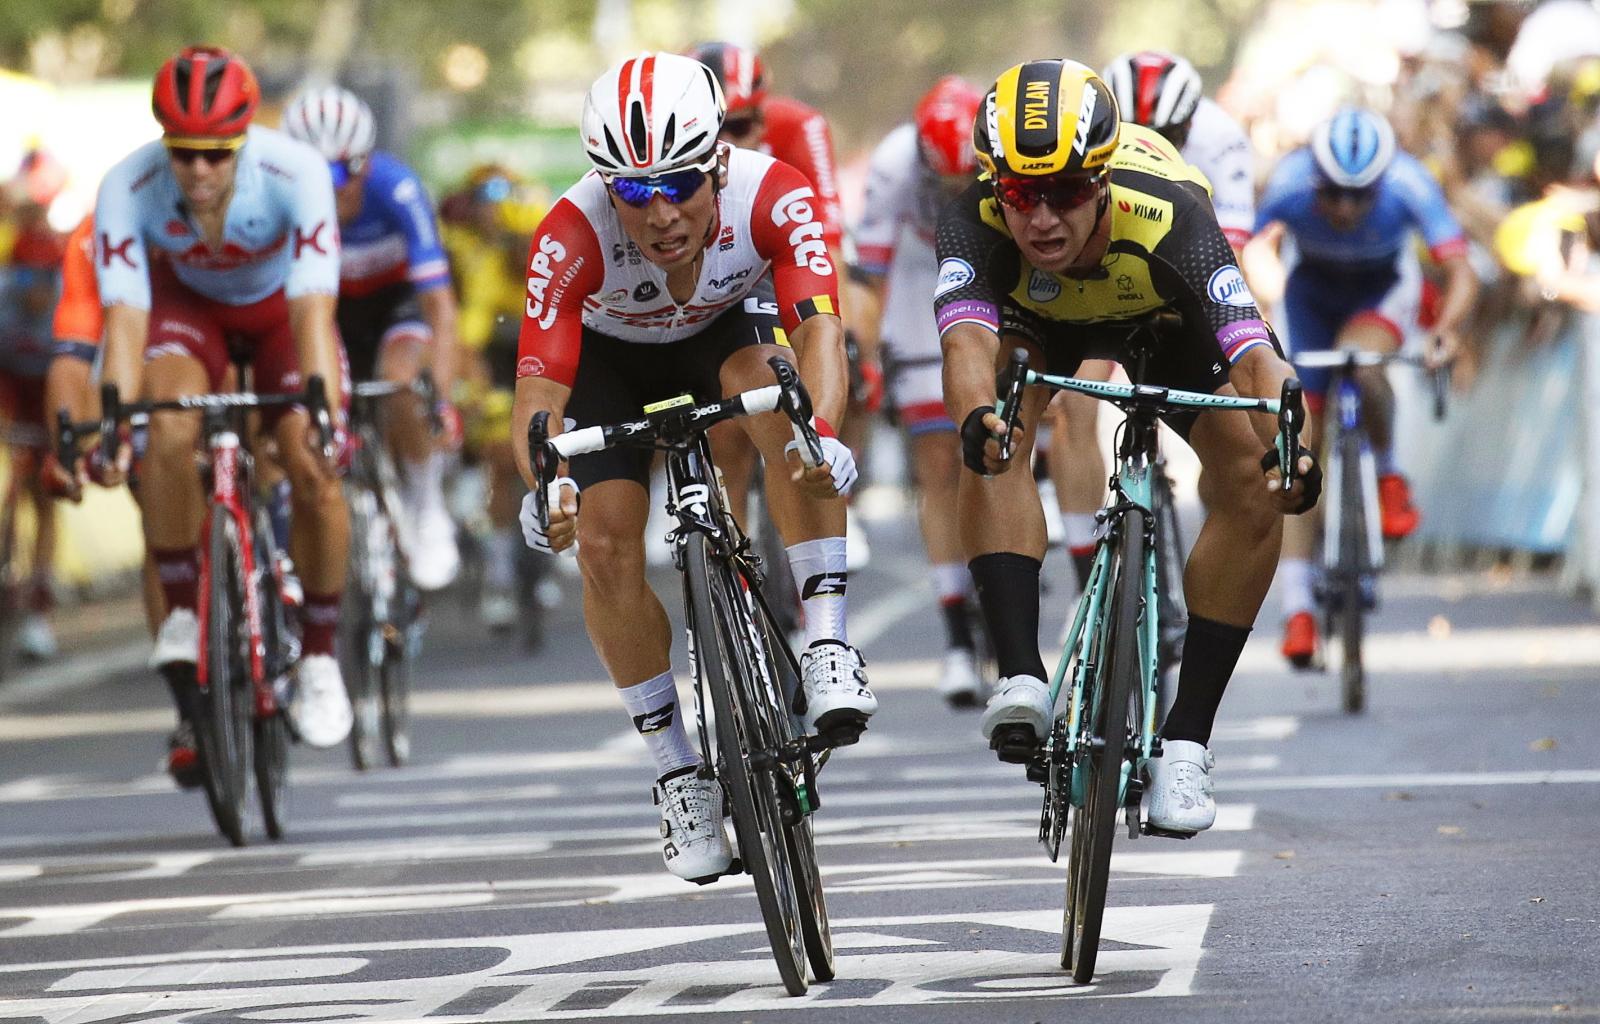 Tour de France Fot. EPA/YOAN VALA